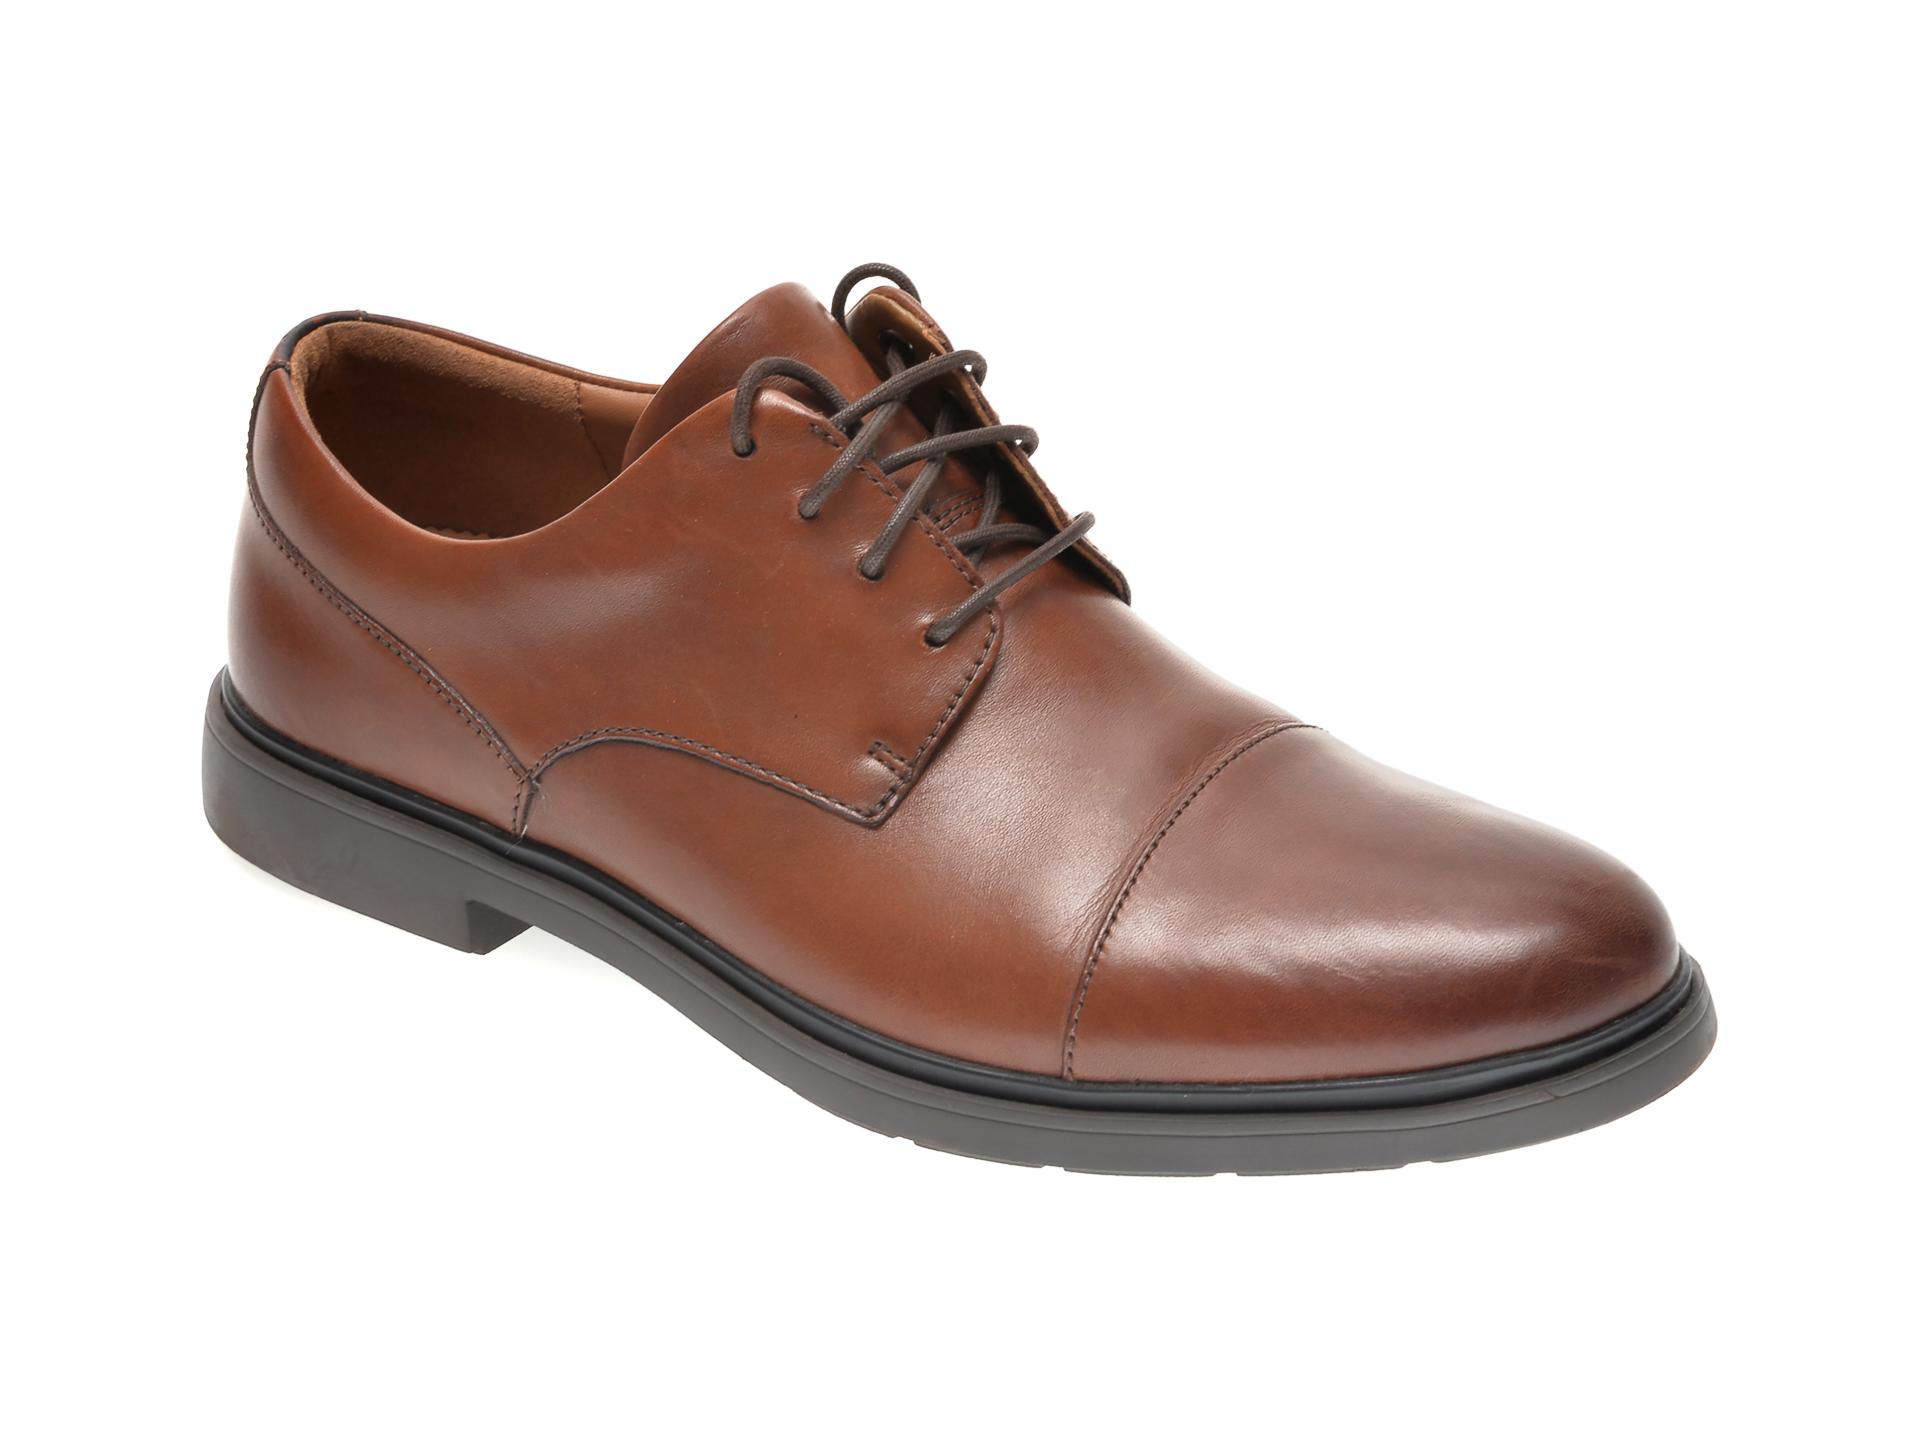 Pantofi CLARKS maro, UN TAILOR CAP, din piele naturala imagine